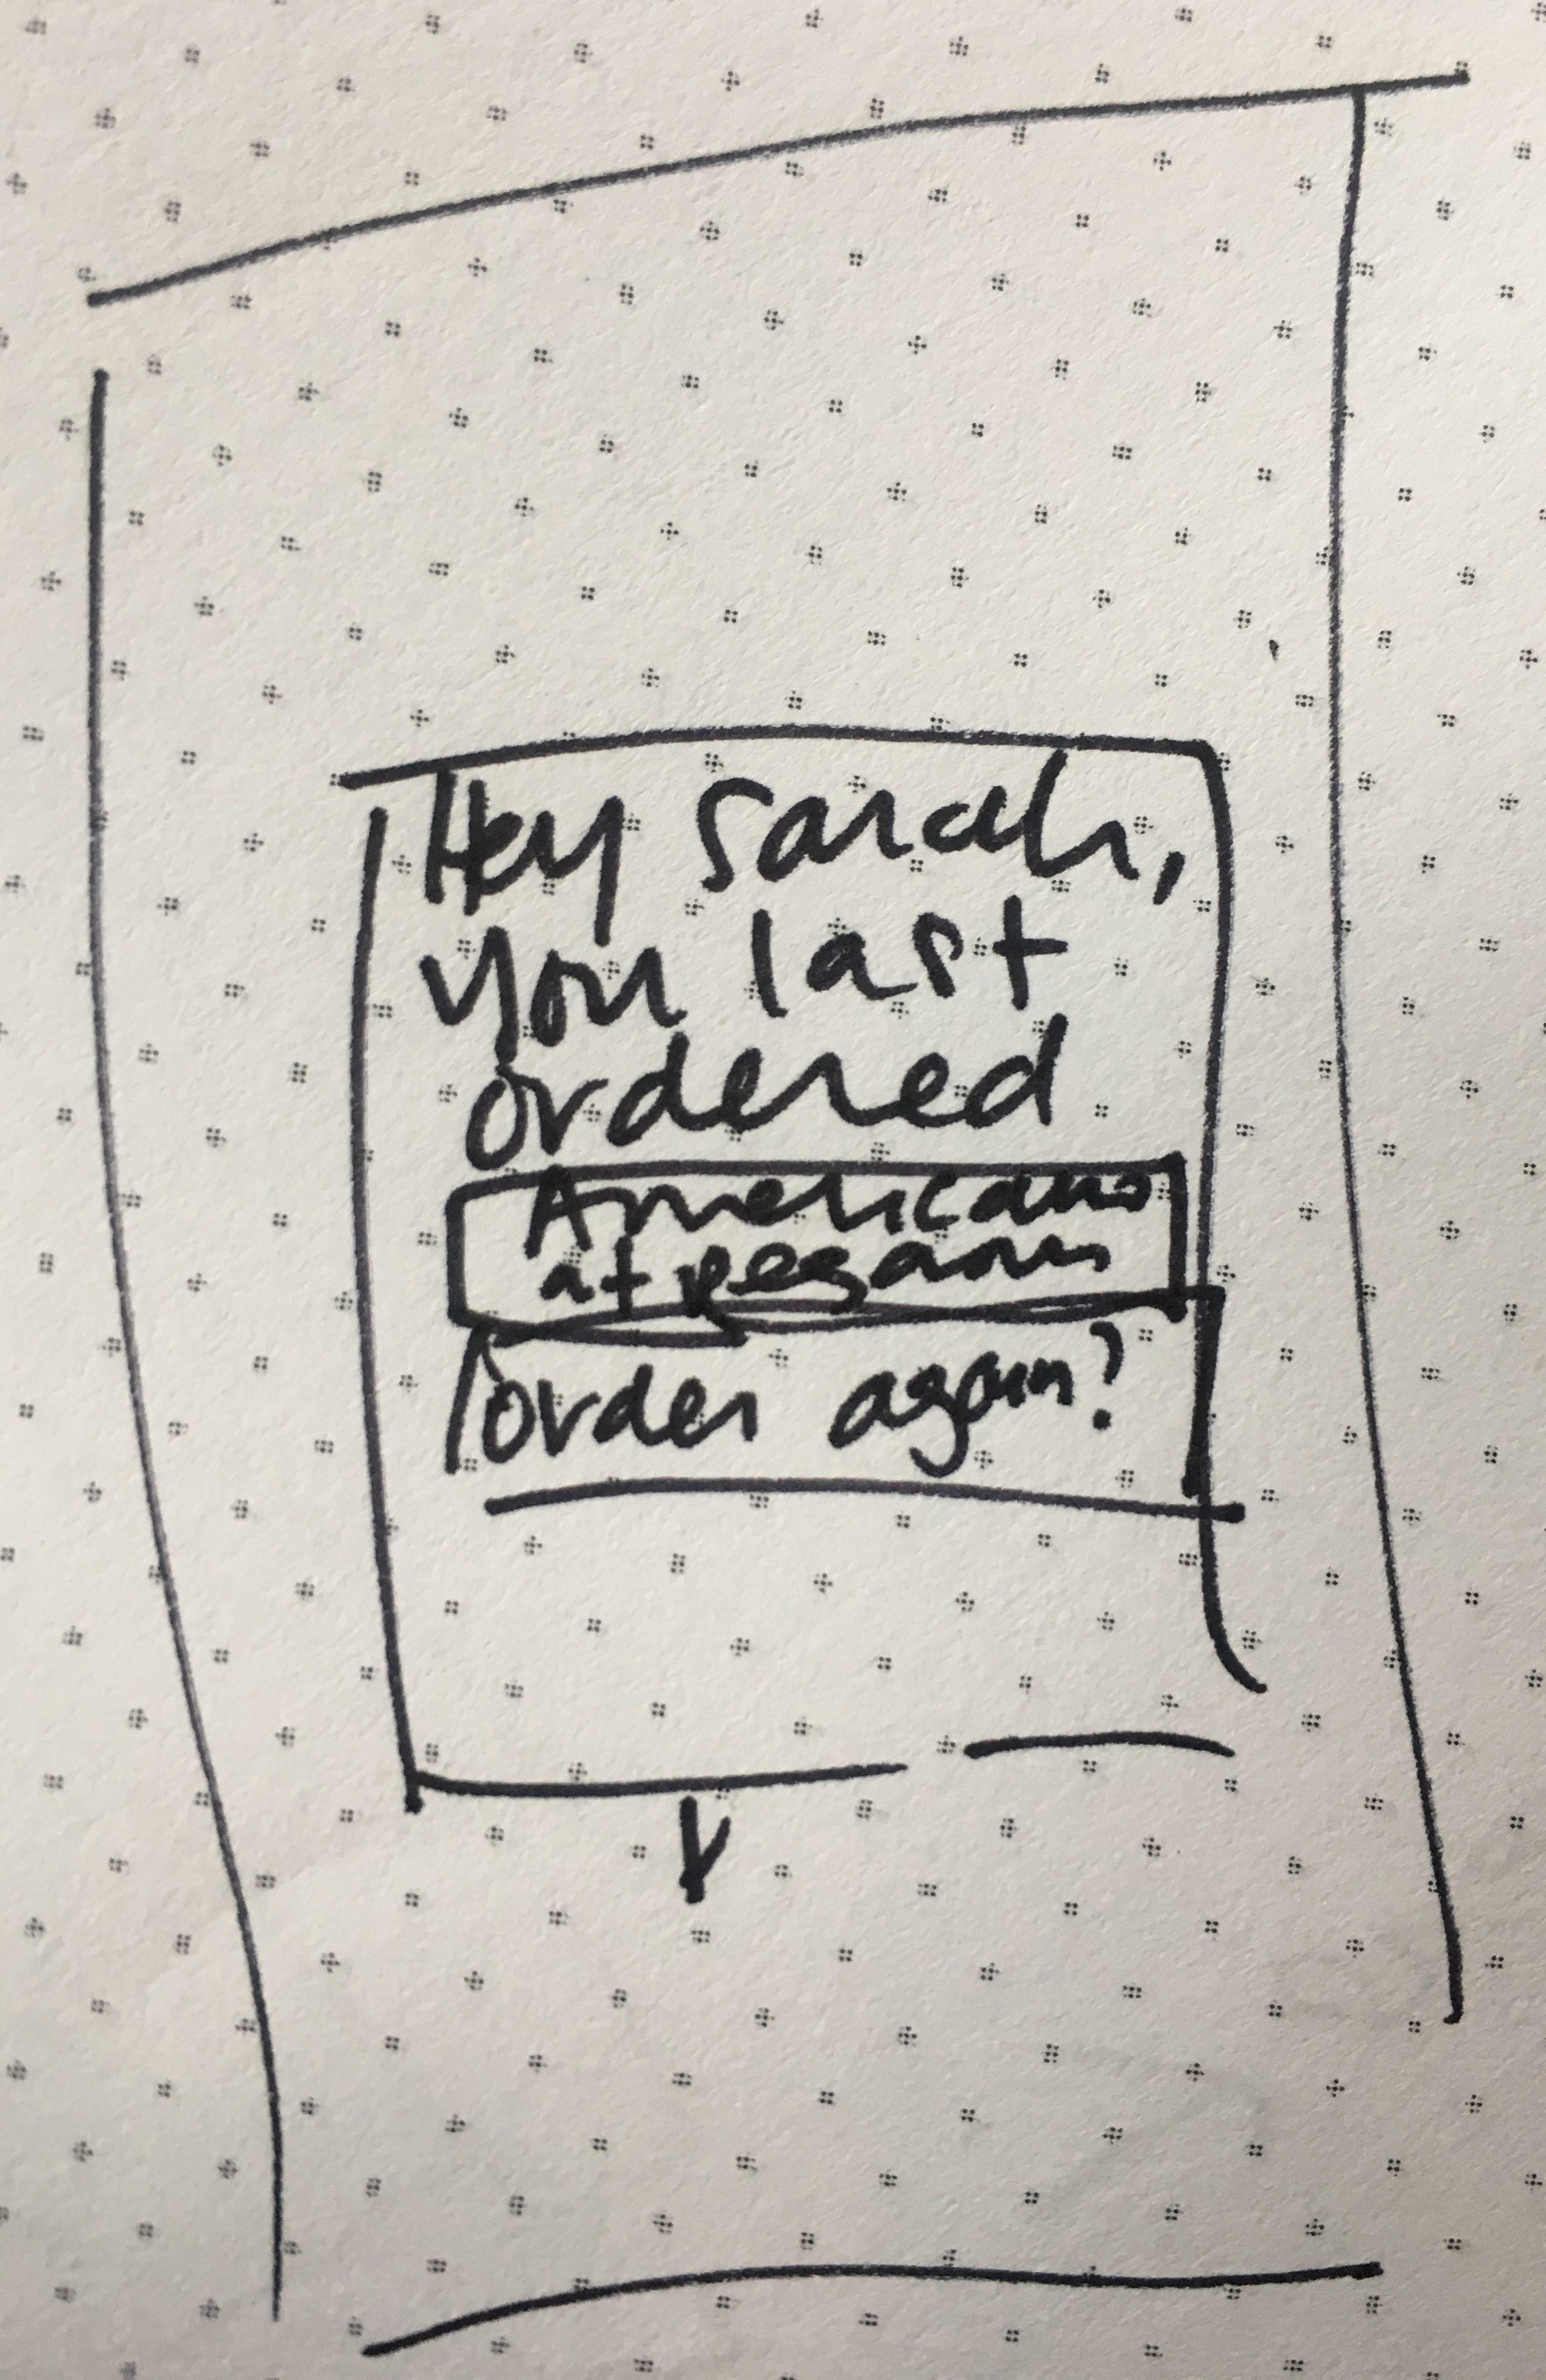 Concept screen: Reorder